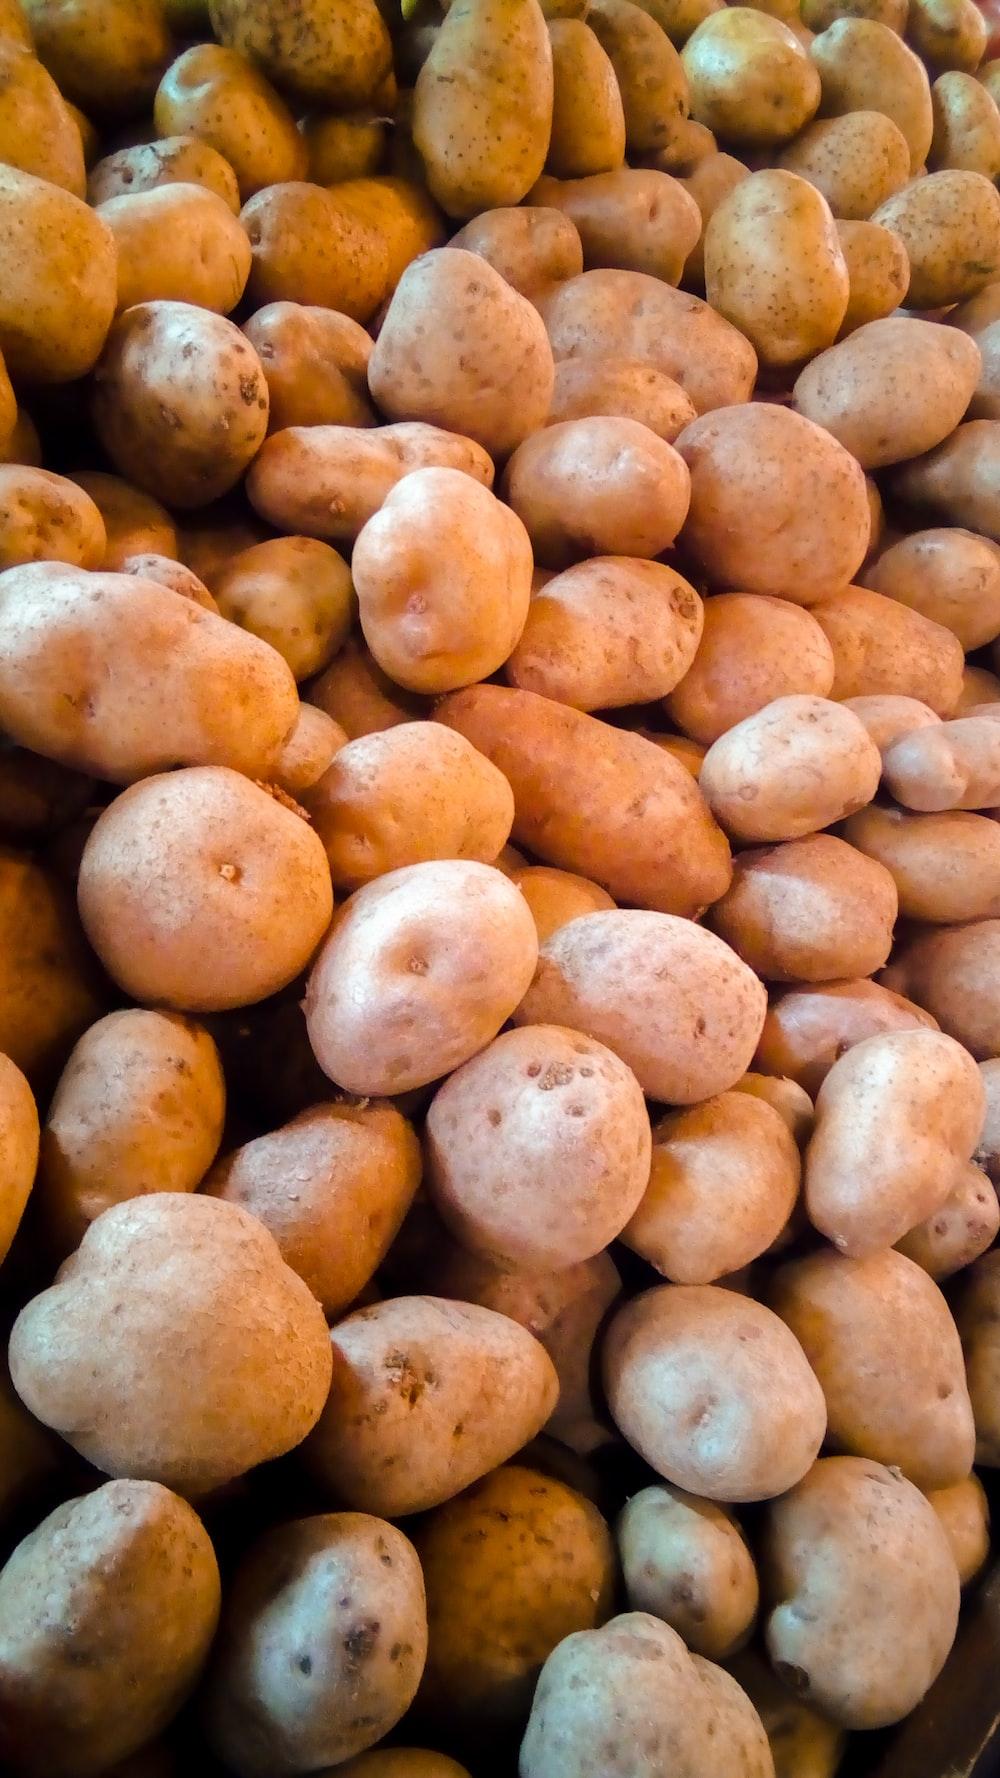 brown potatoes